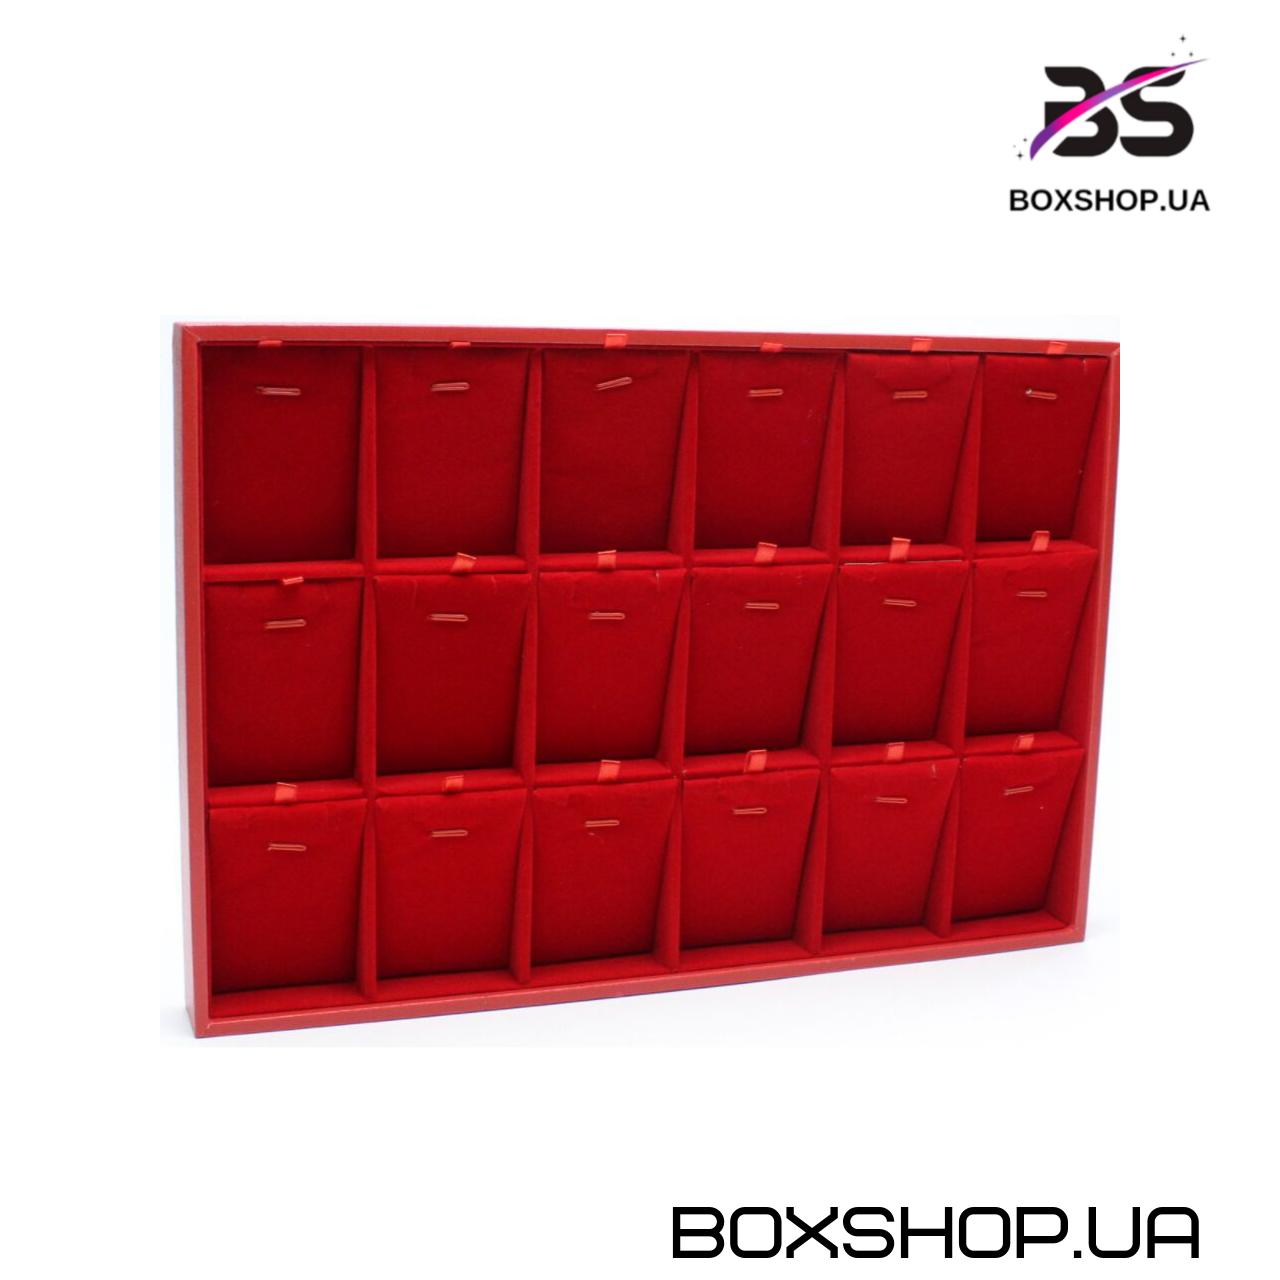 Ювелирный планшет BOXSHOP - 1022885773